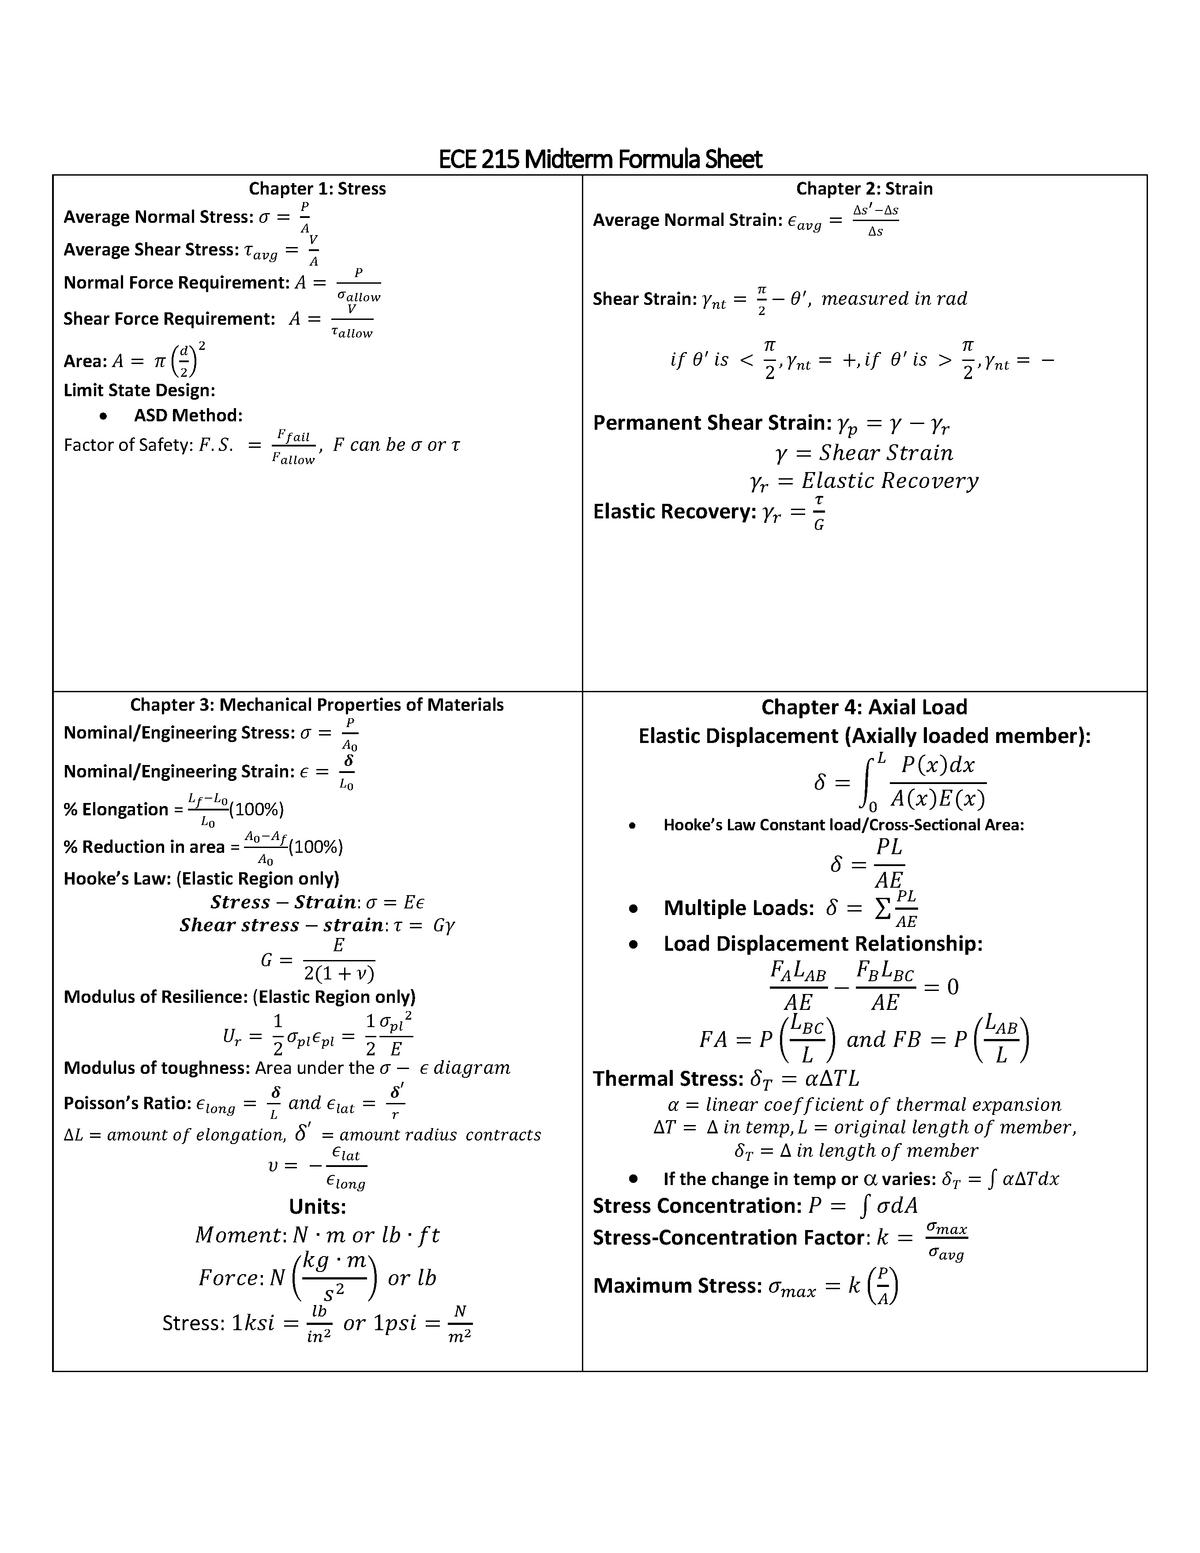 ECE 215 Midterm Formula Sheet - MAE 213 - ASU - StuDocu